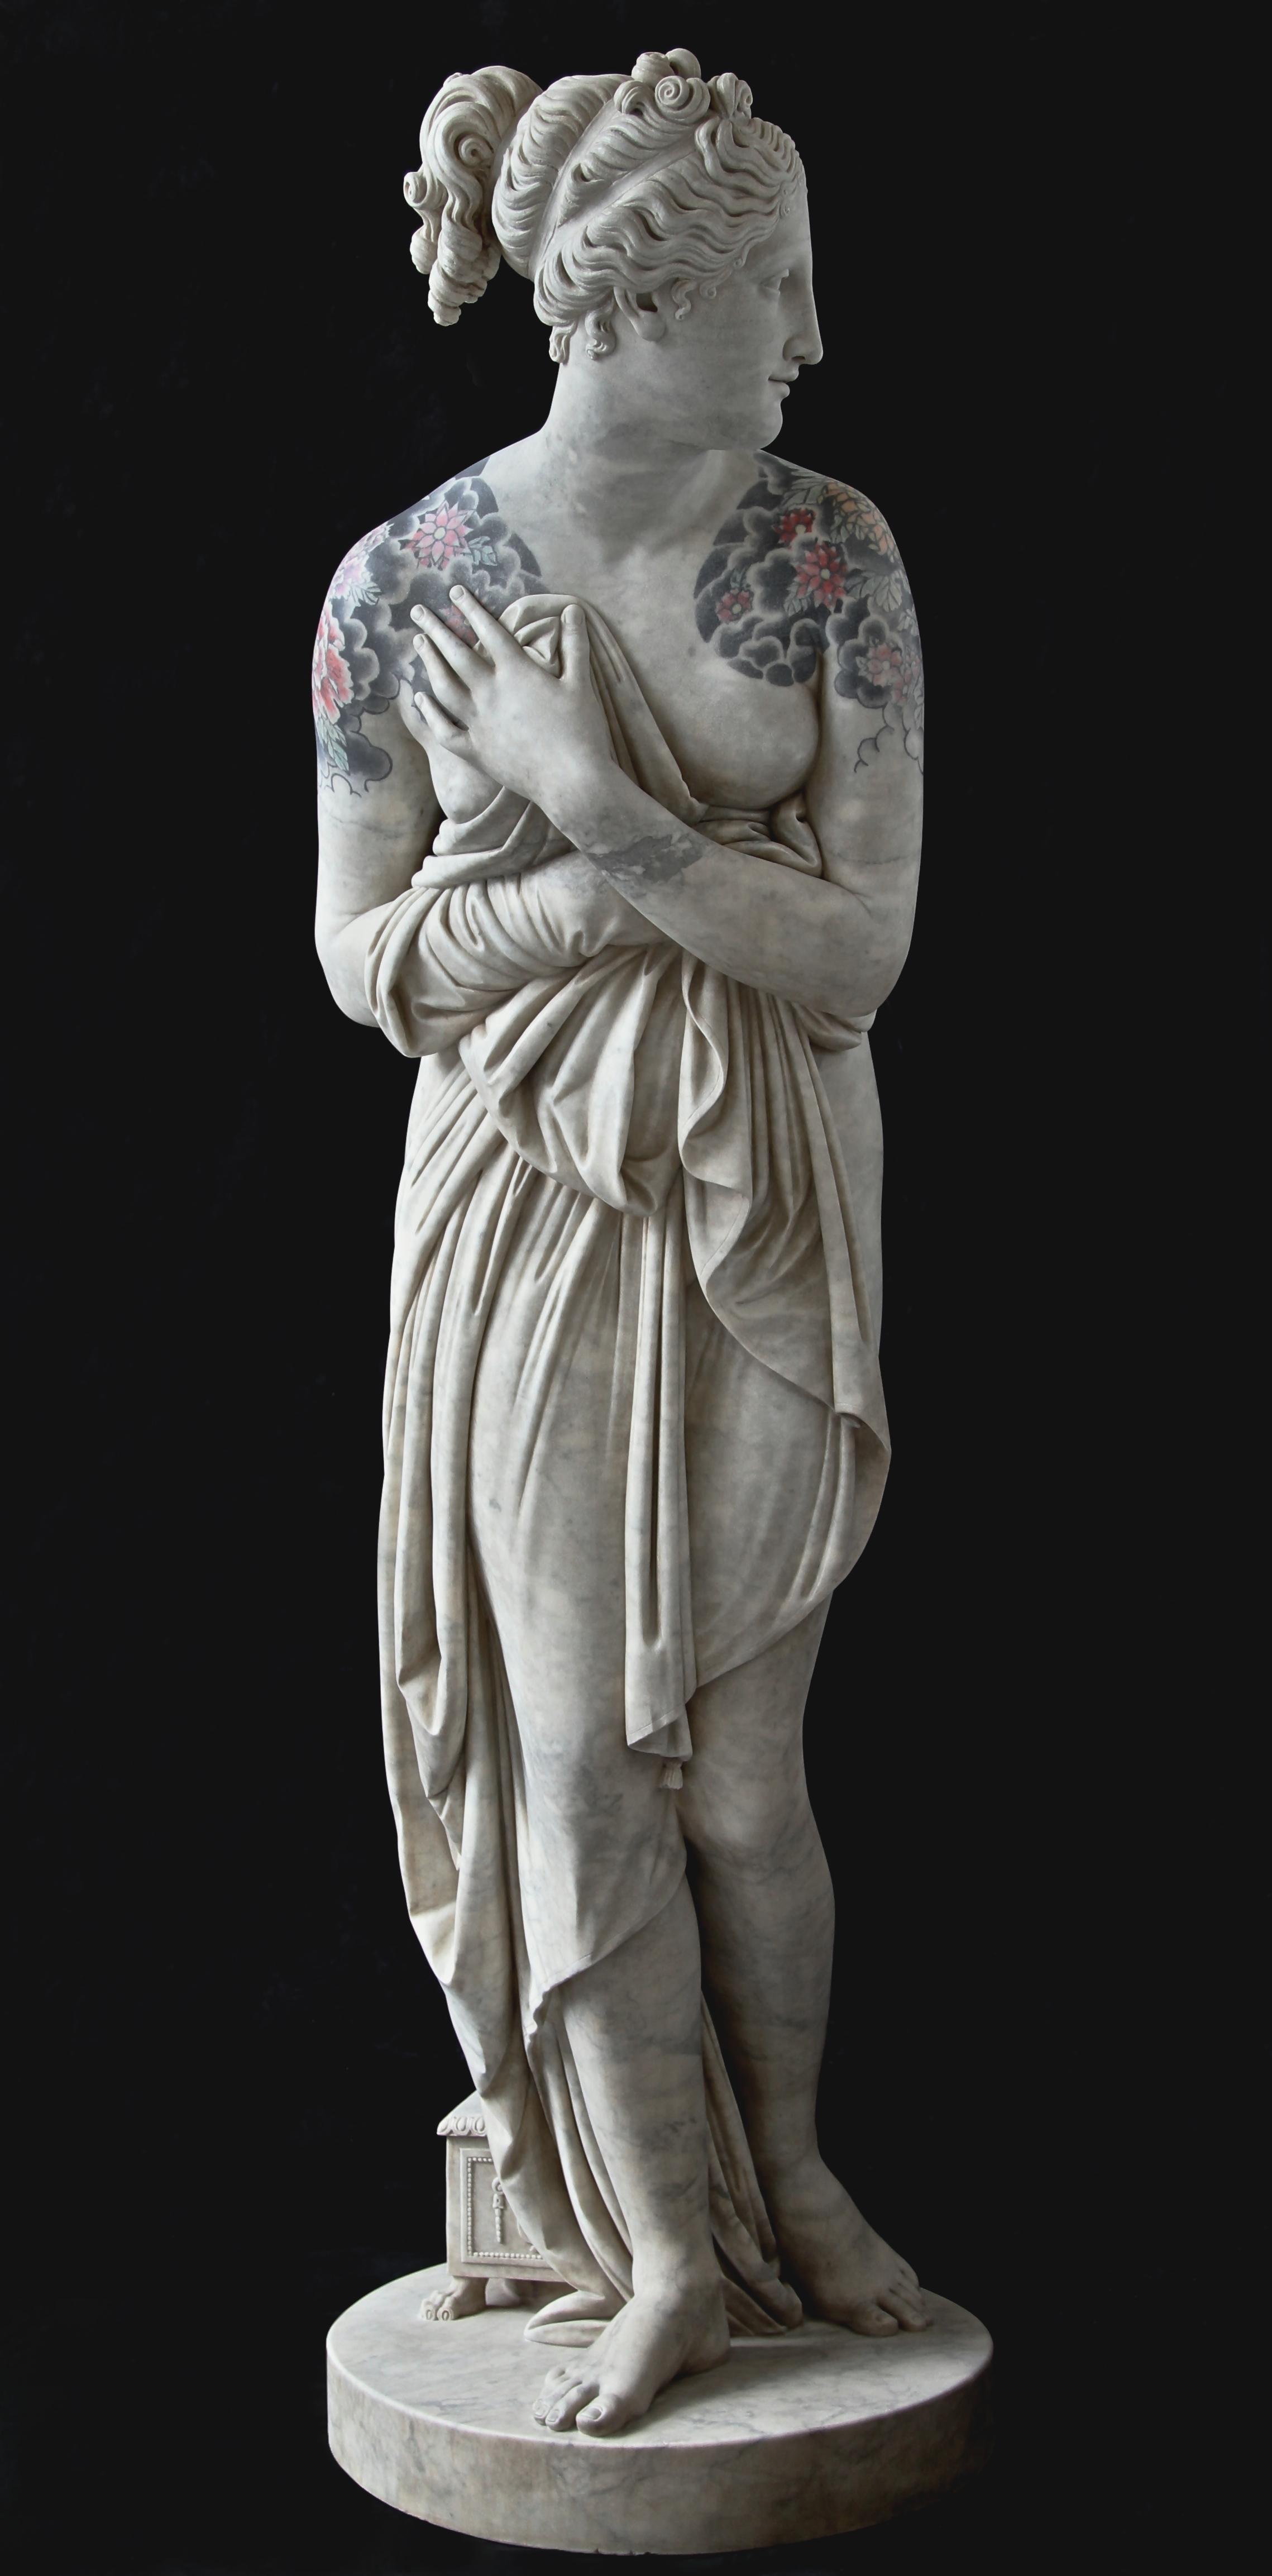 venere italica venus fabio viale statue marble marmo scultura art modern